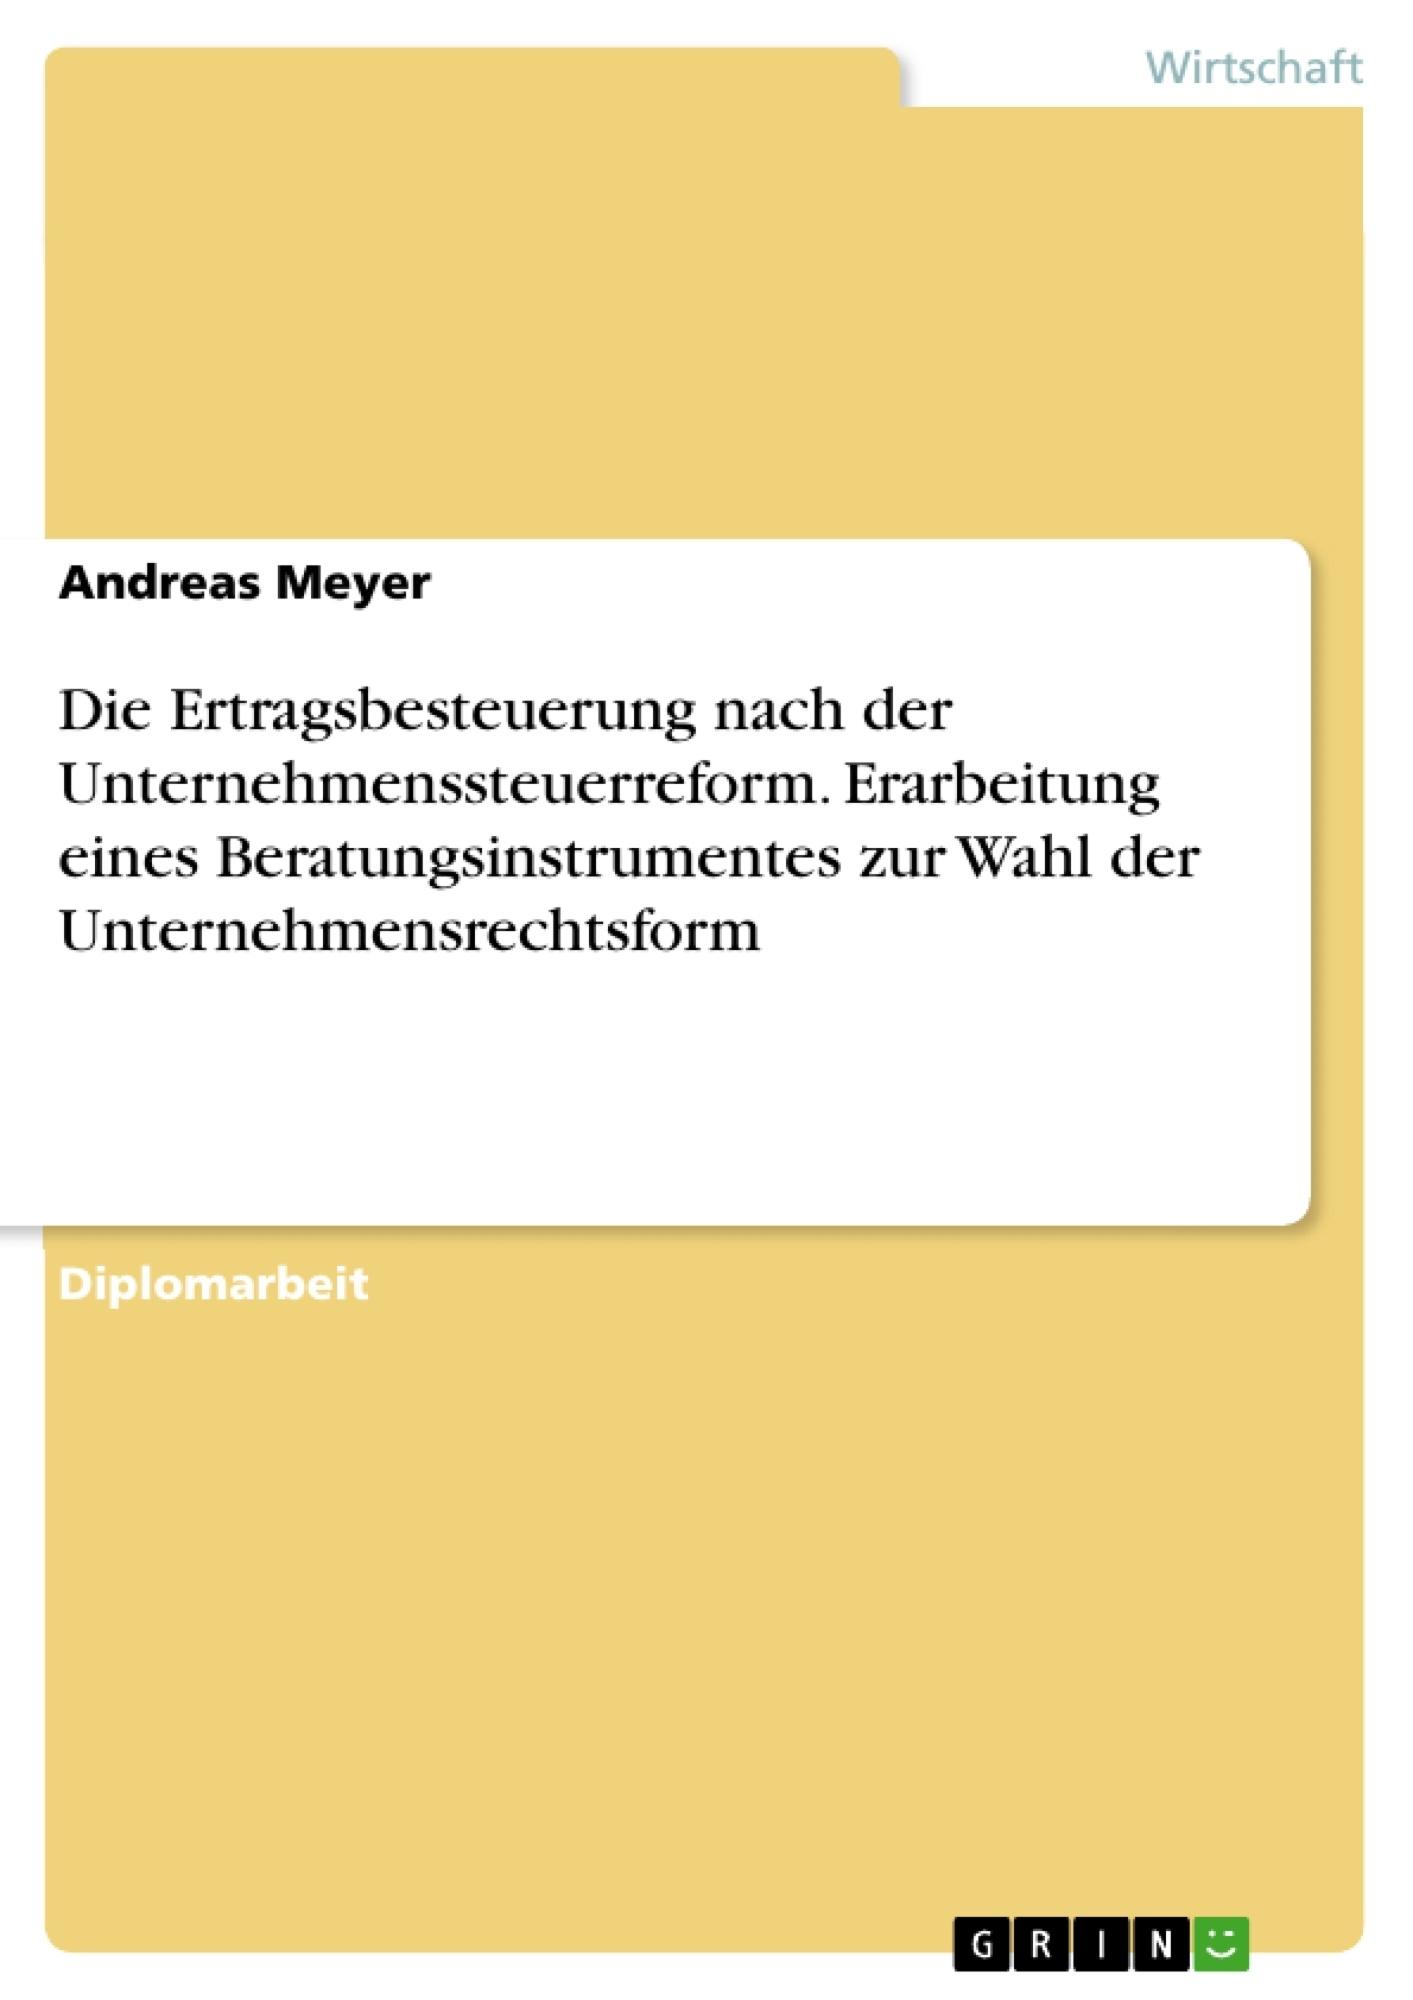 Titel: Die Ertragsbesteuerung nach der Unternehmenssteuerreform. Erarbeitung eines Beratungsinstrumentes zur Wahl der Unternehmensrechtsform